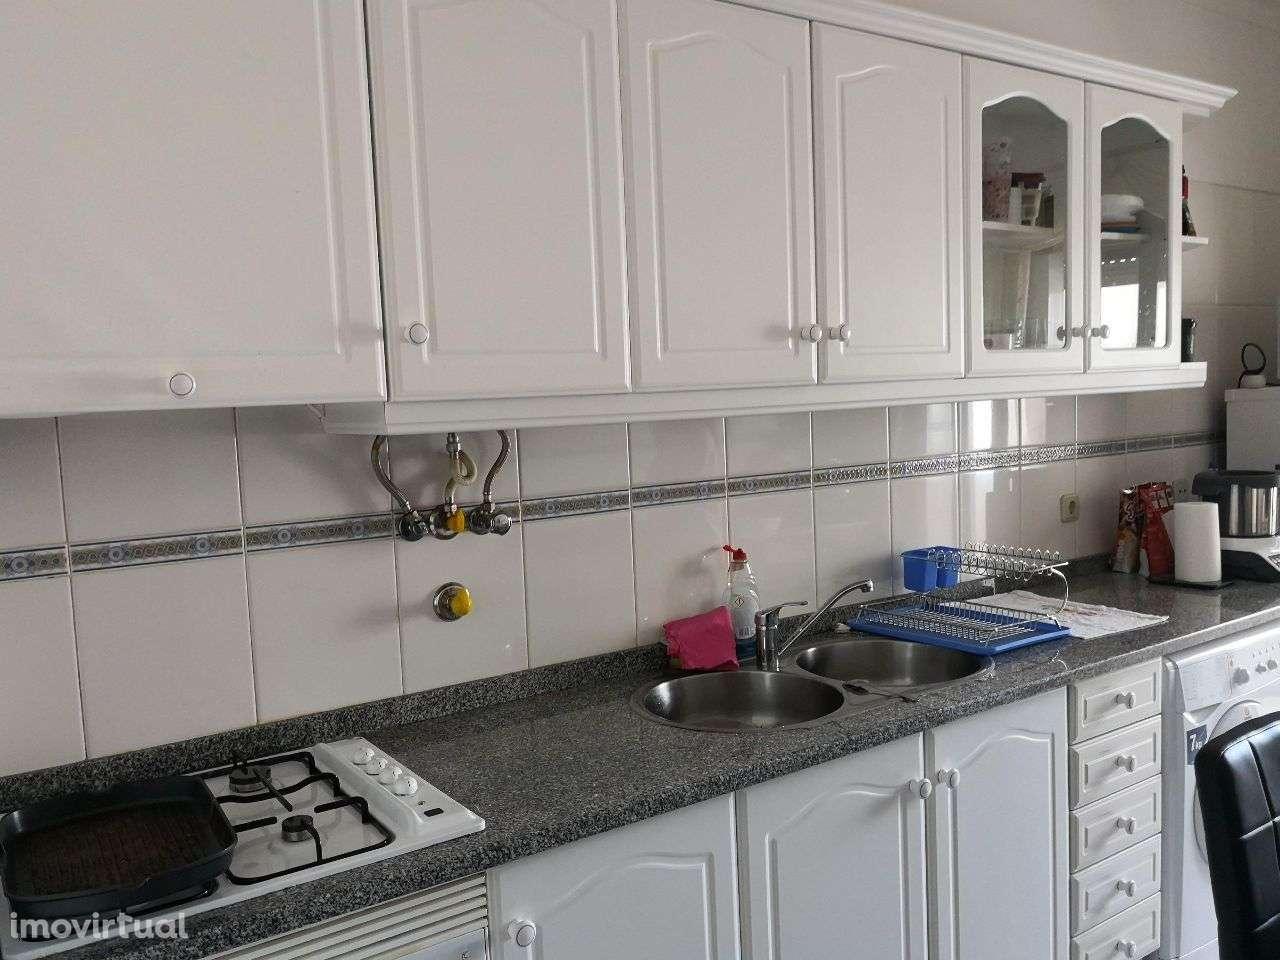 Apartamento para arrendar, Fundão, Valverde, Donas, Aldeia de Joanes e Aldeia Nova do Cabo, Castelo Branco - Foto 2